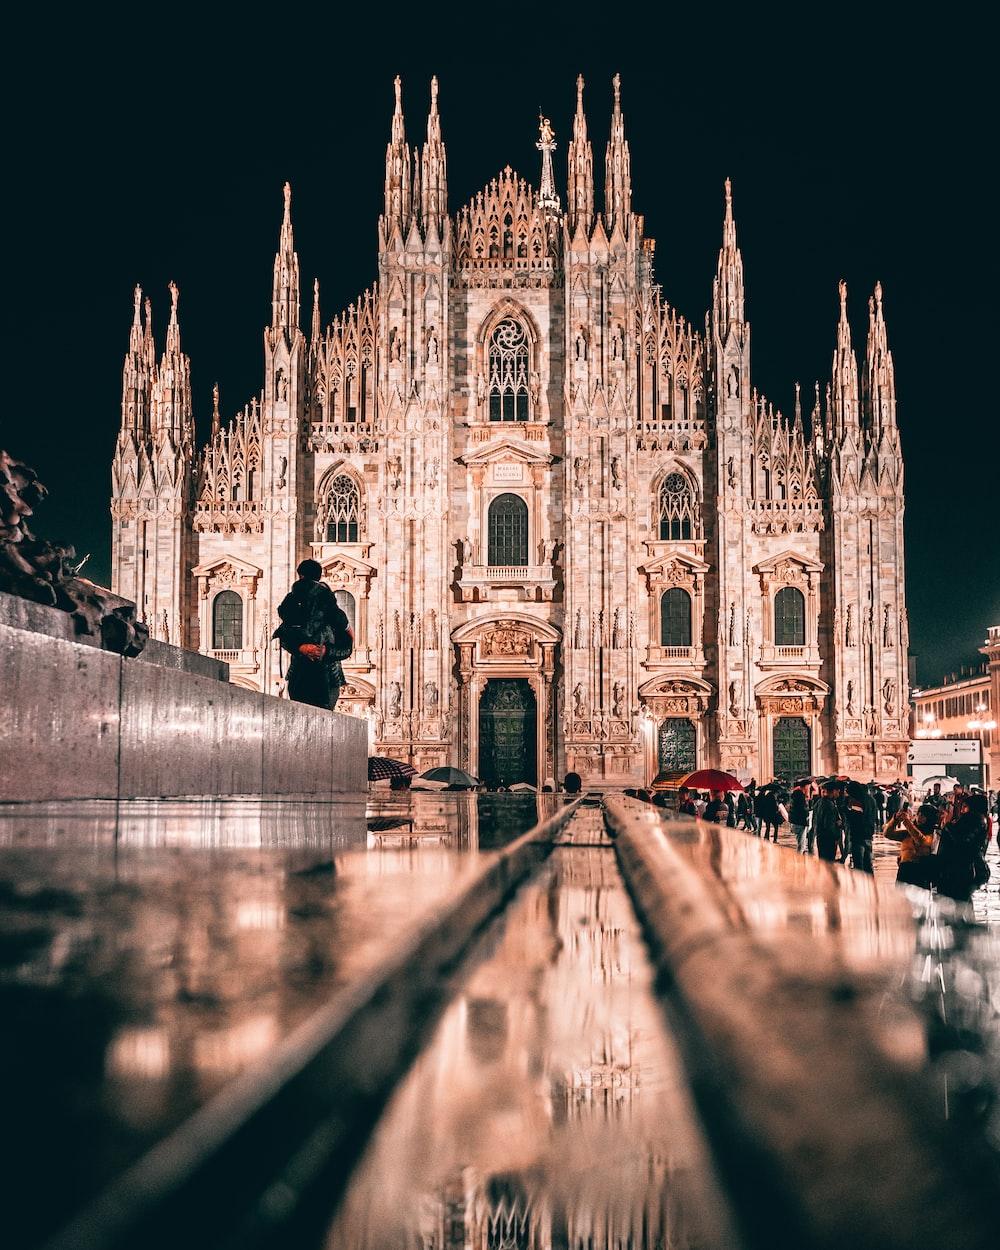 Milan Cathedral, Italy at night